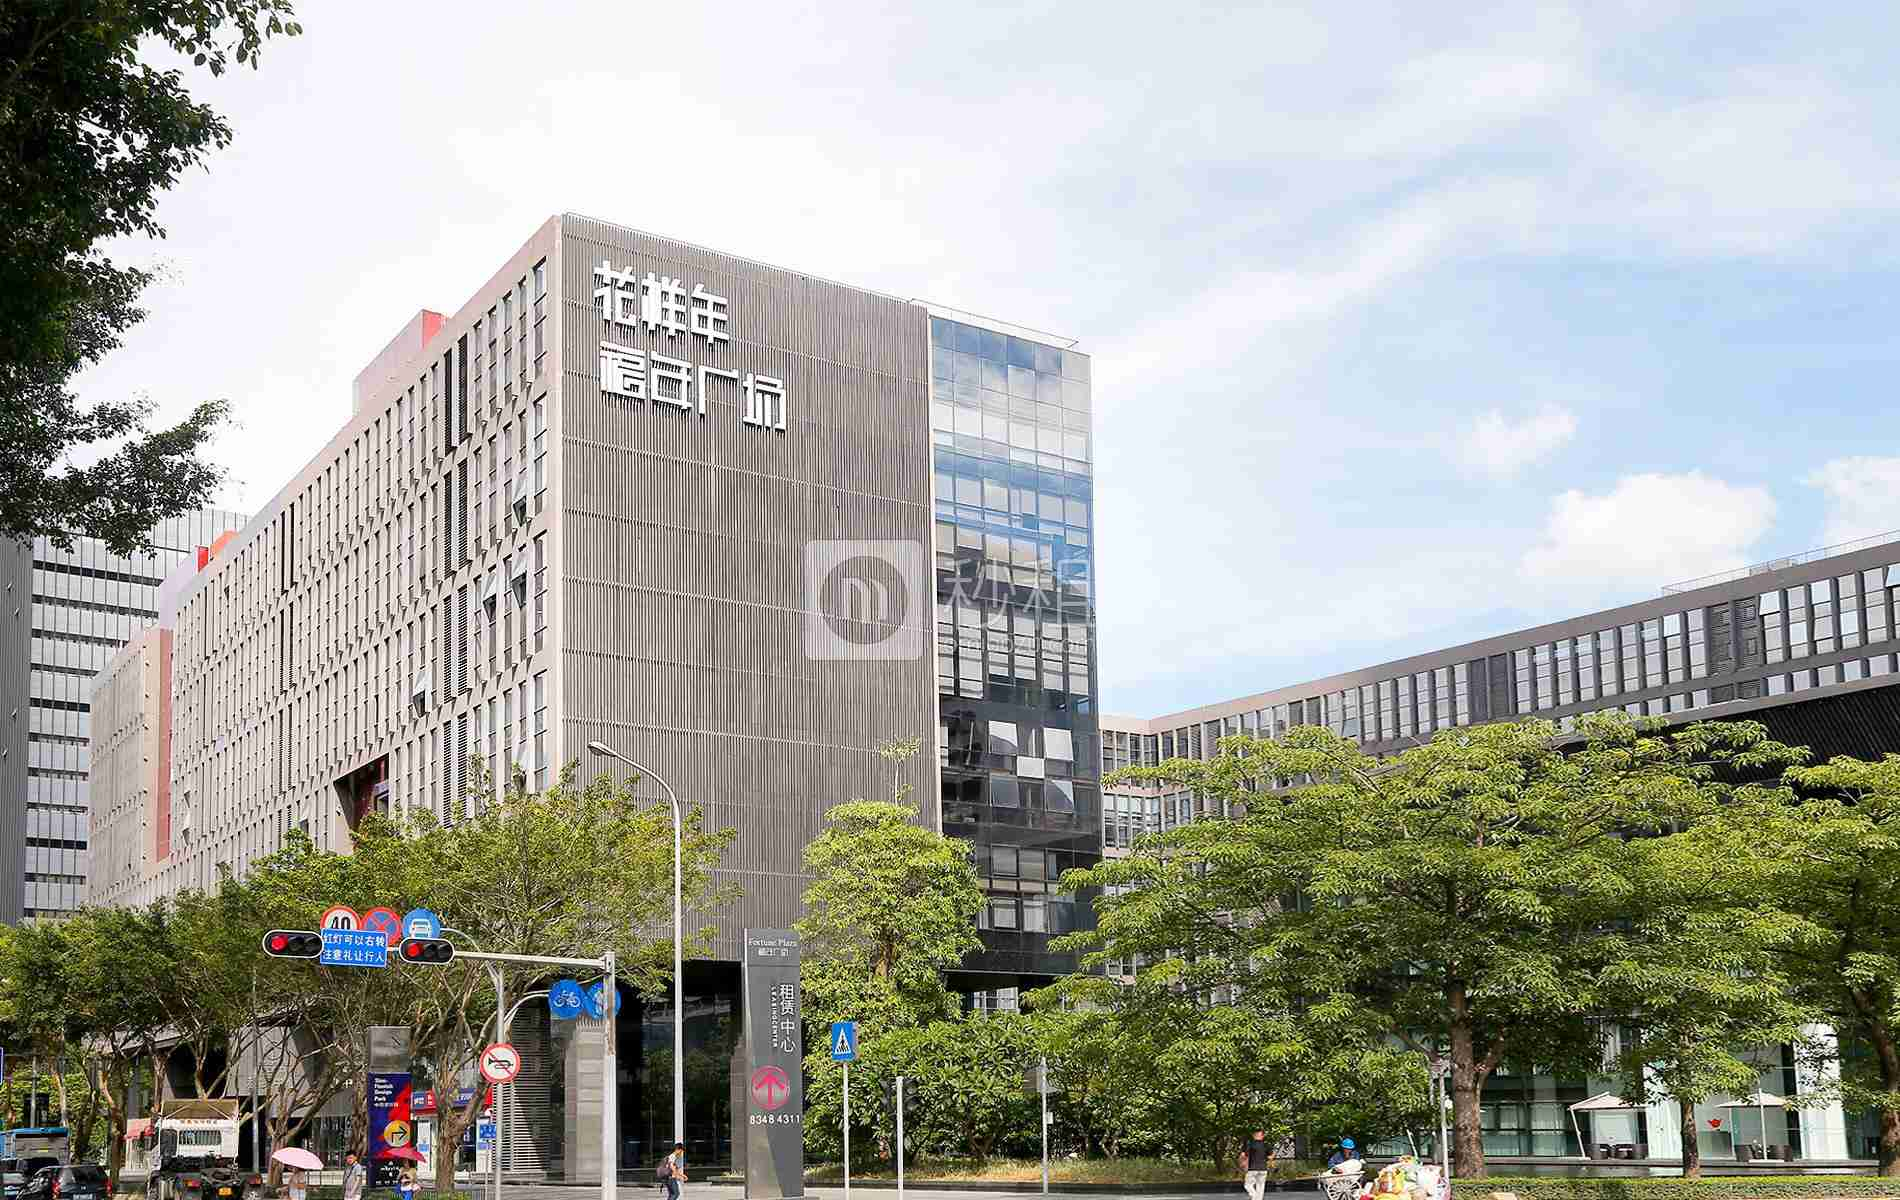 福年广场写字楼出租/招租/租赁,福年广场办公室出租/招租/租赁